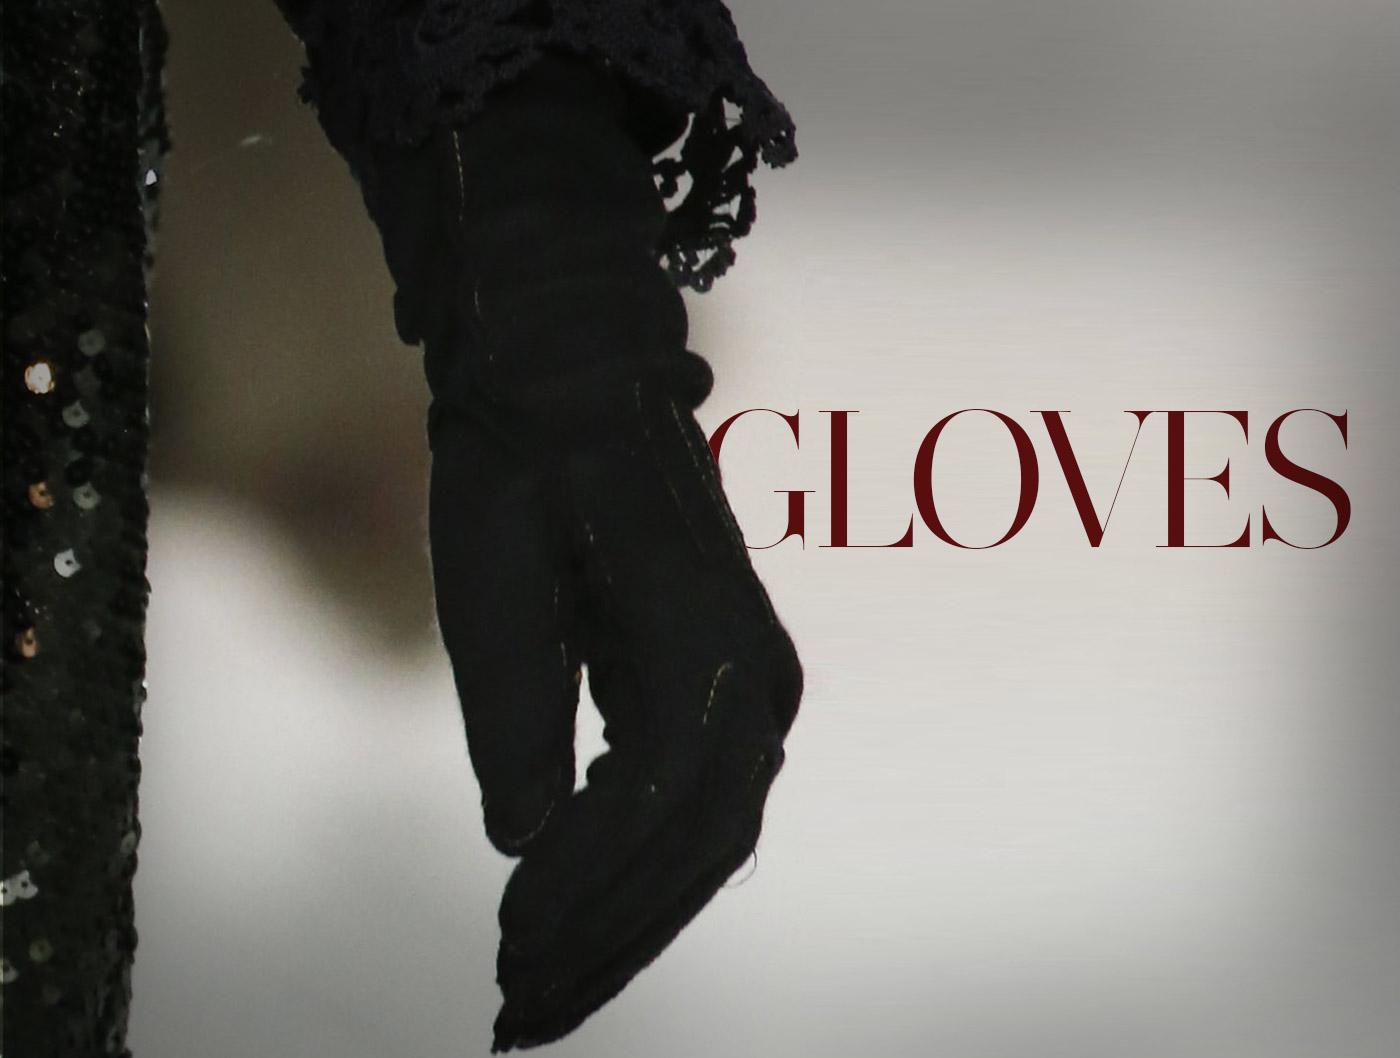 guanti-marc-jacobs-guanti-in-suede-nero-con-cuciture-a-vista-e-impunture-indossati-su-un-abito-arricchito-di-paillettes